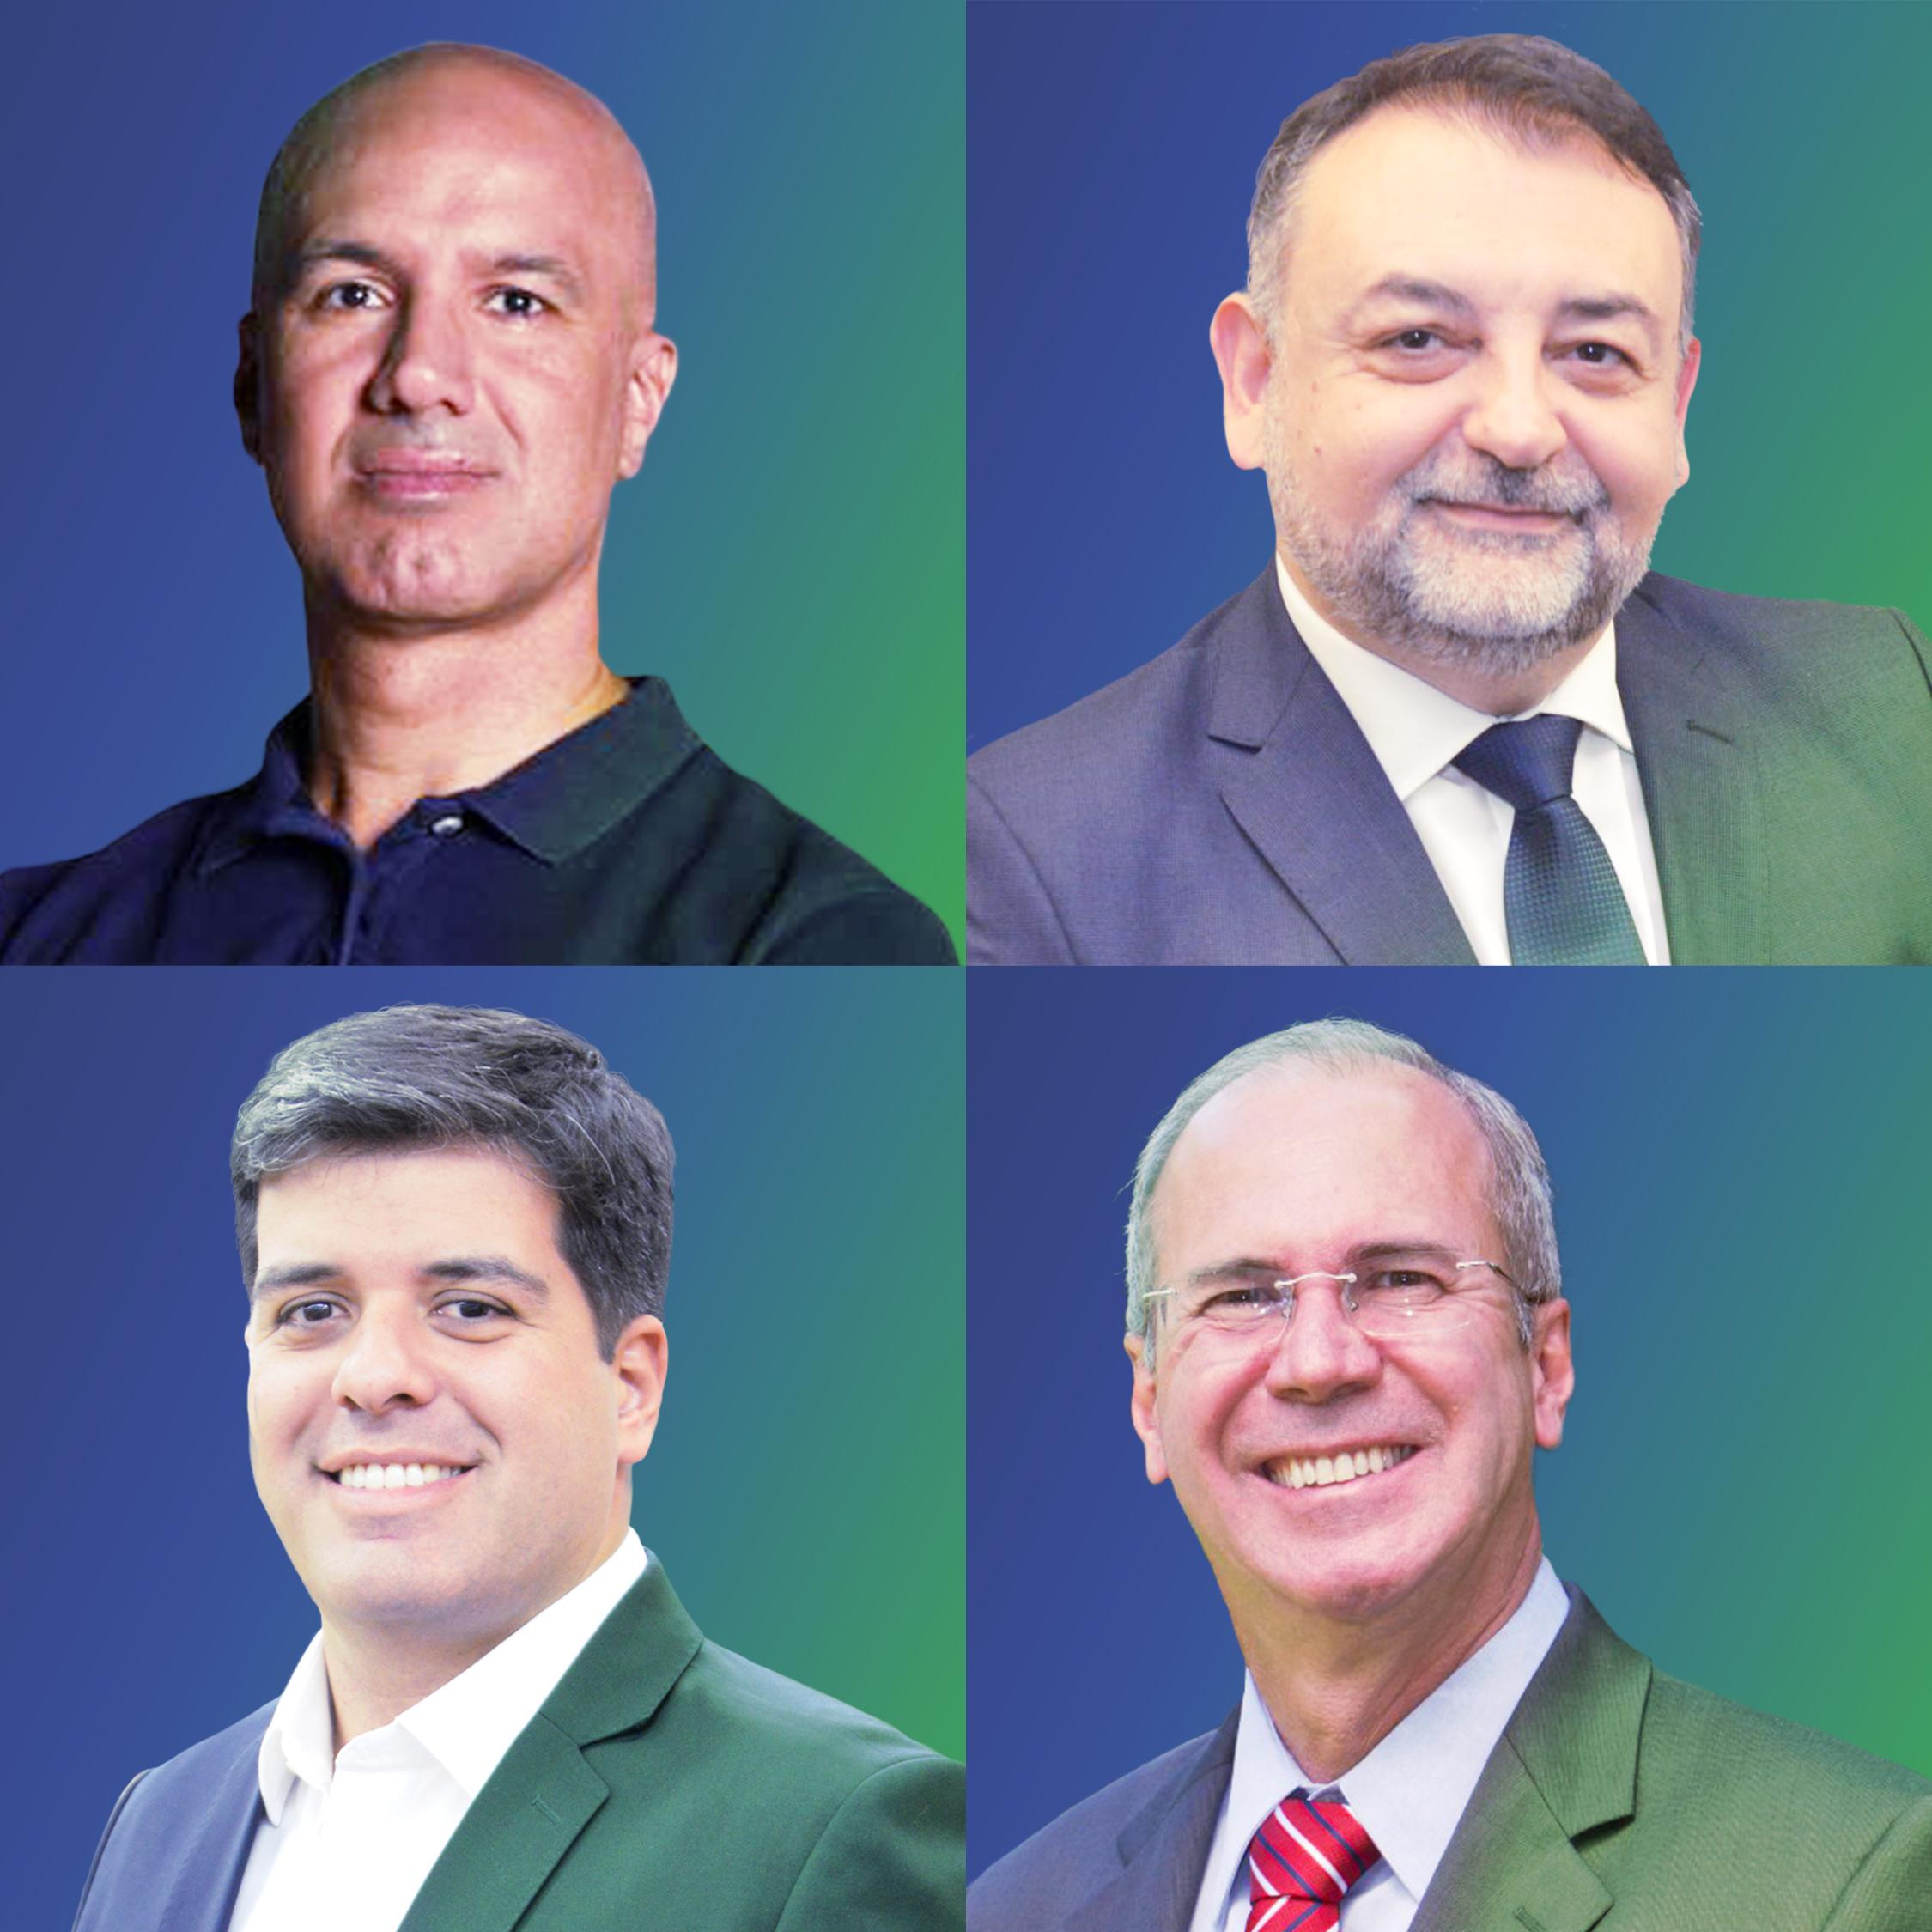 EMPREENDENDO NO BRASIL - DESAFIOS E SOLUÇÕES